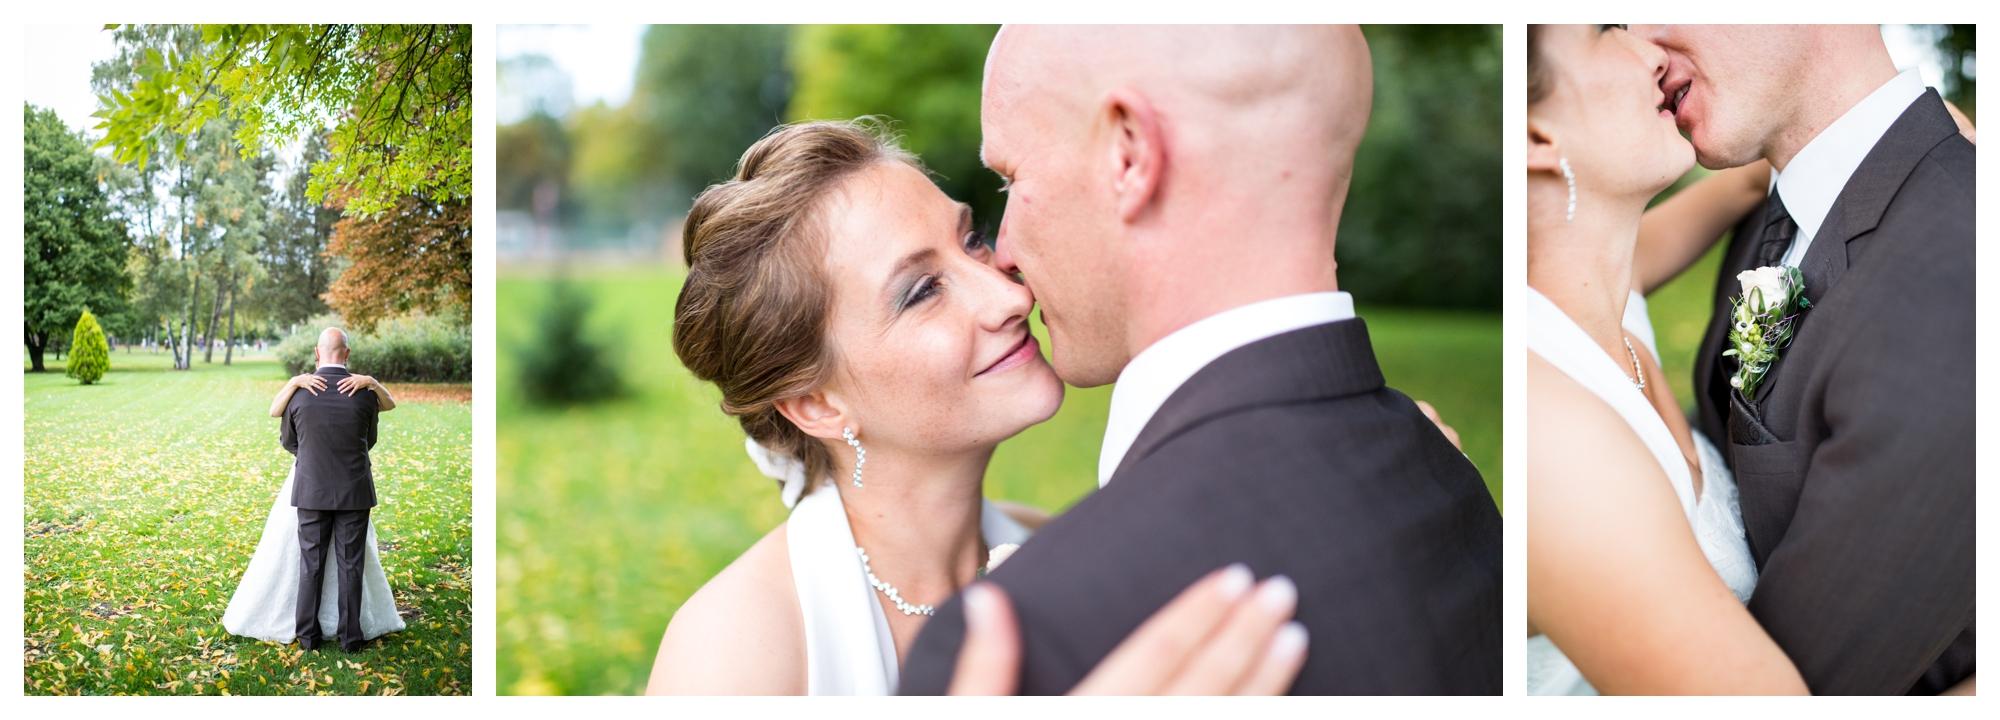 Fotograf Konstanz - Als Hochzeitsfotograf in Bad Dürrheim unterwegs  - 41 -